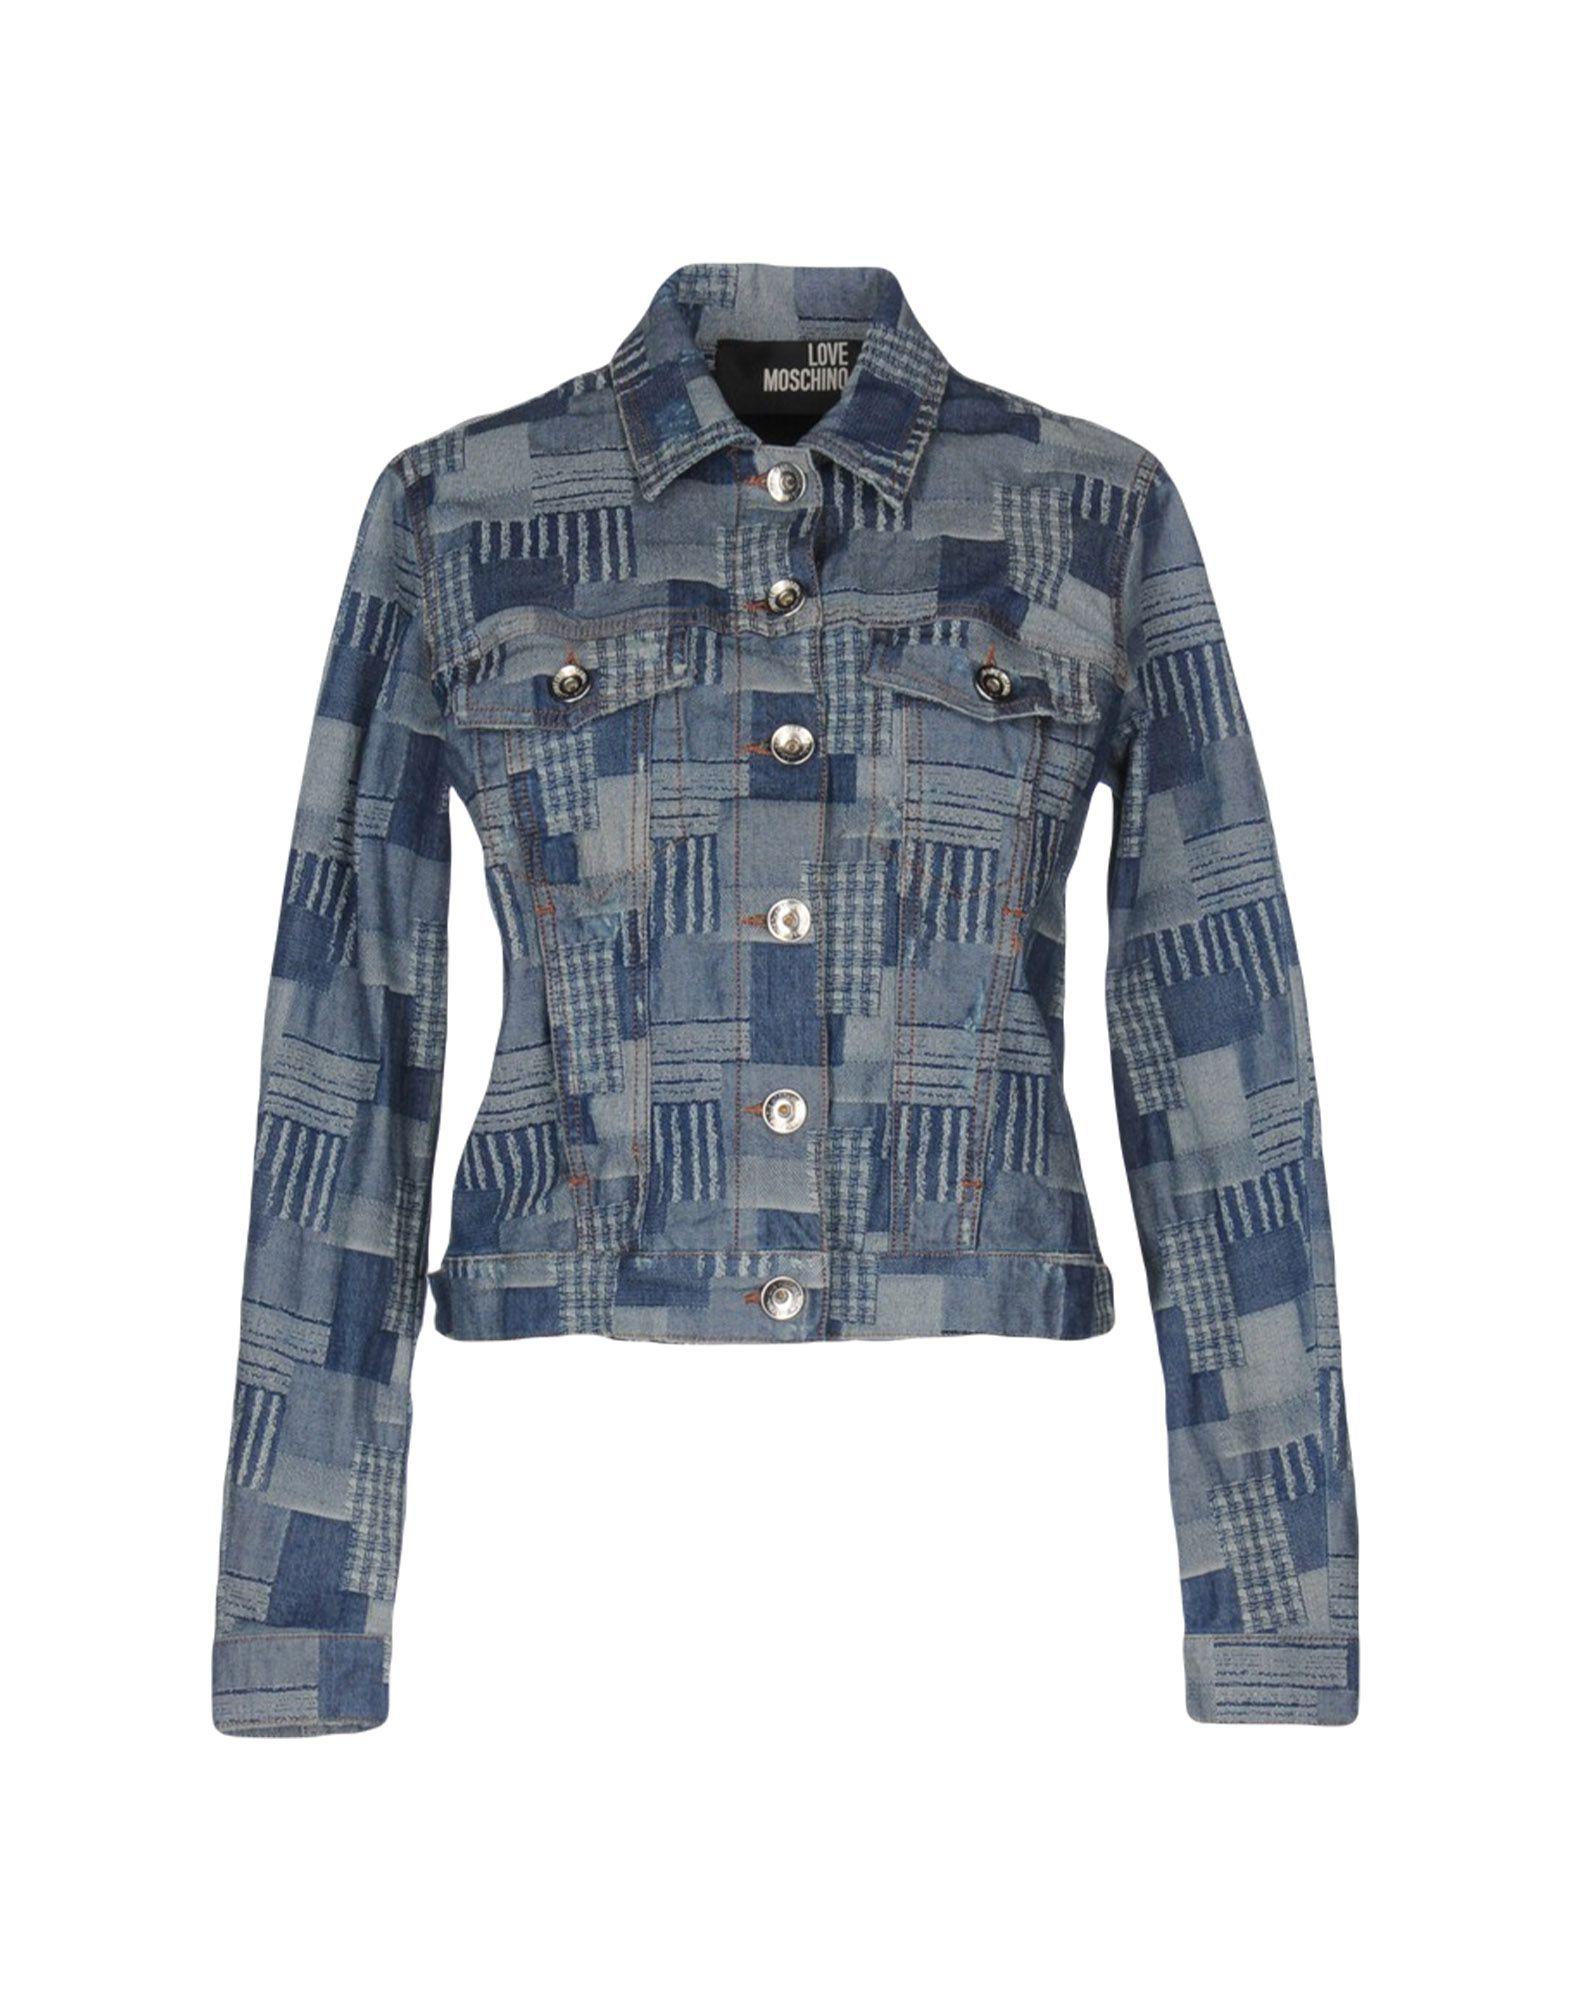 moschino джинсовая верхняя одежда LOVE MOSCHINO Джинсовая верхняя одежда